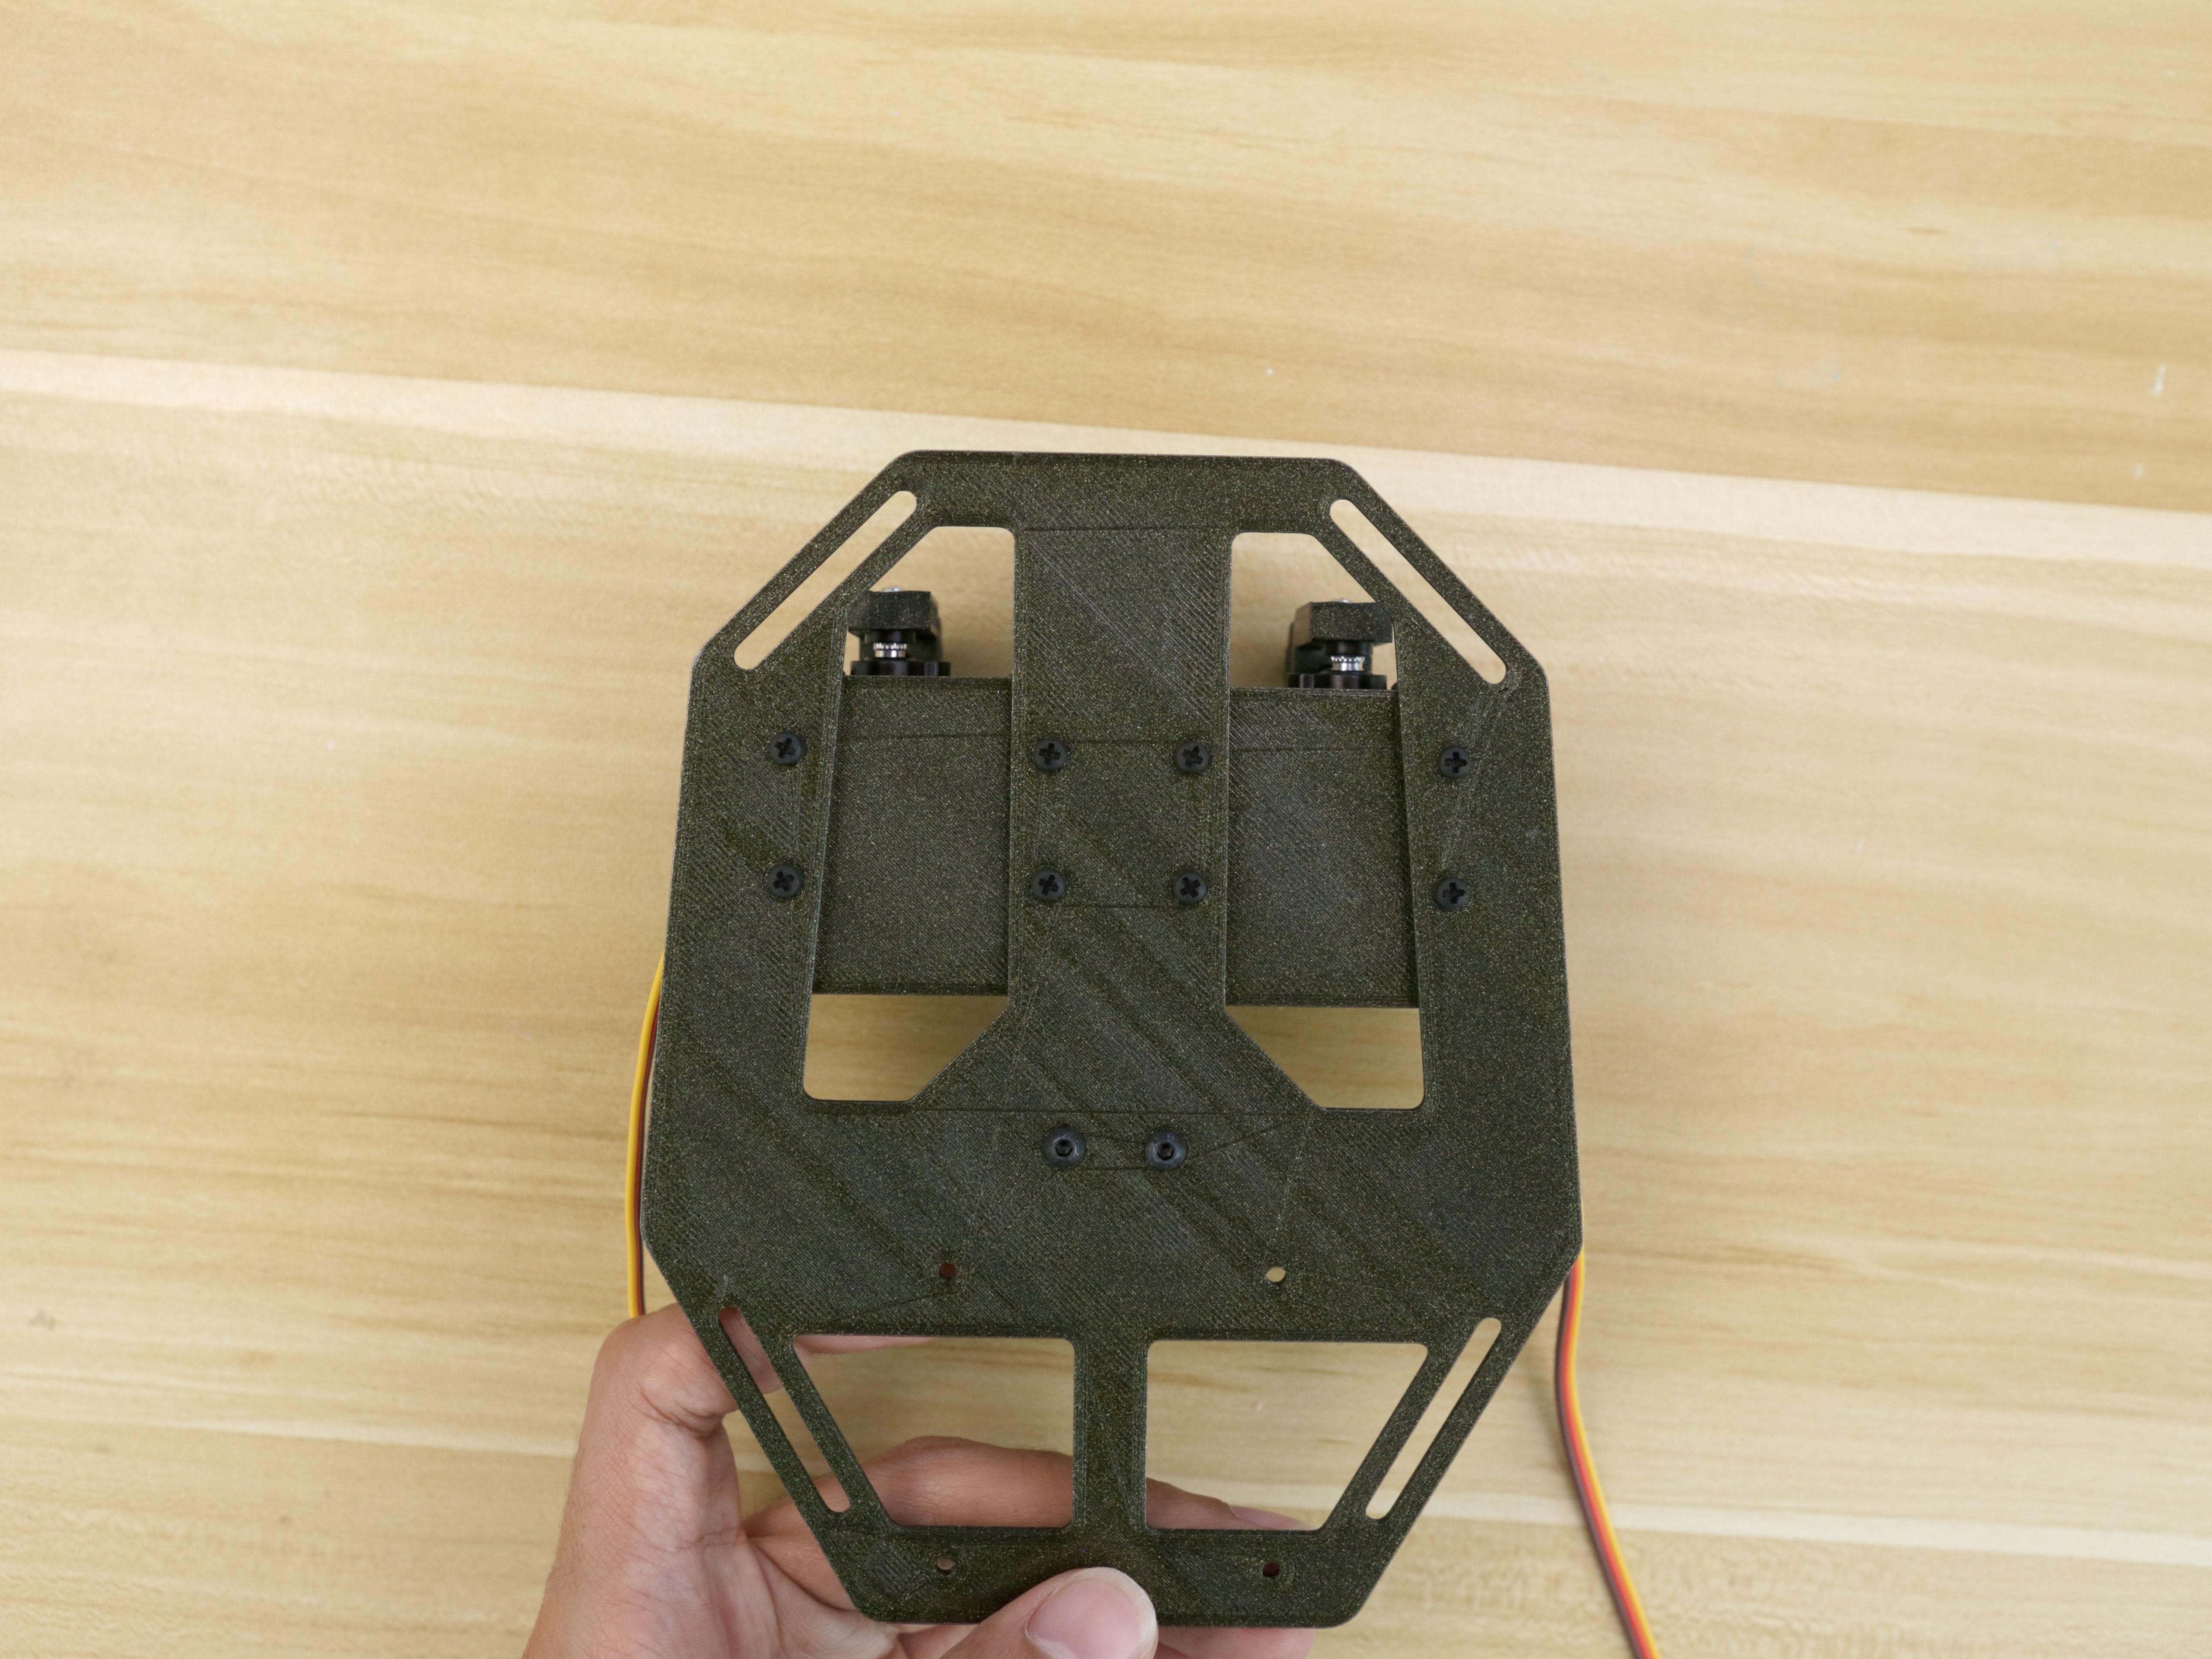 3d_printing_servos-mount-plate-secured-back.jpg